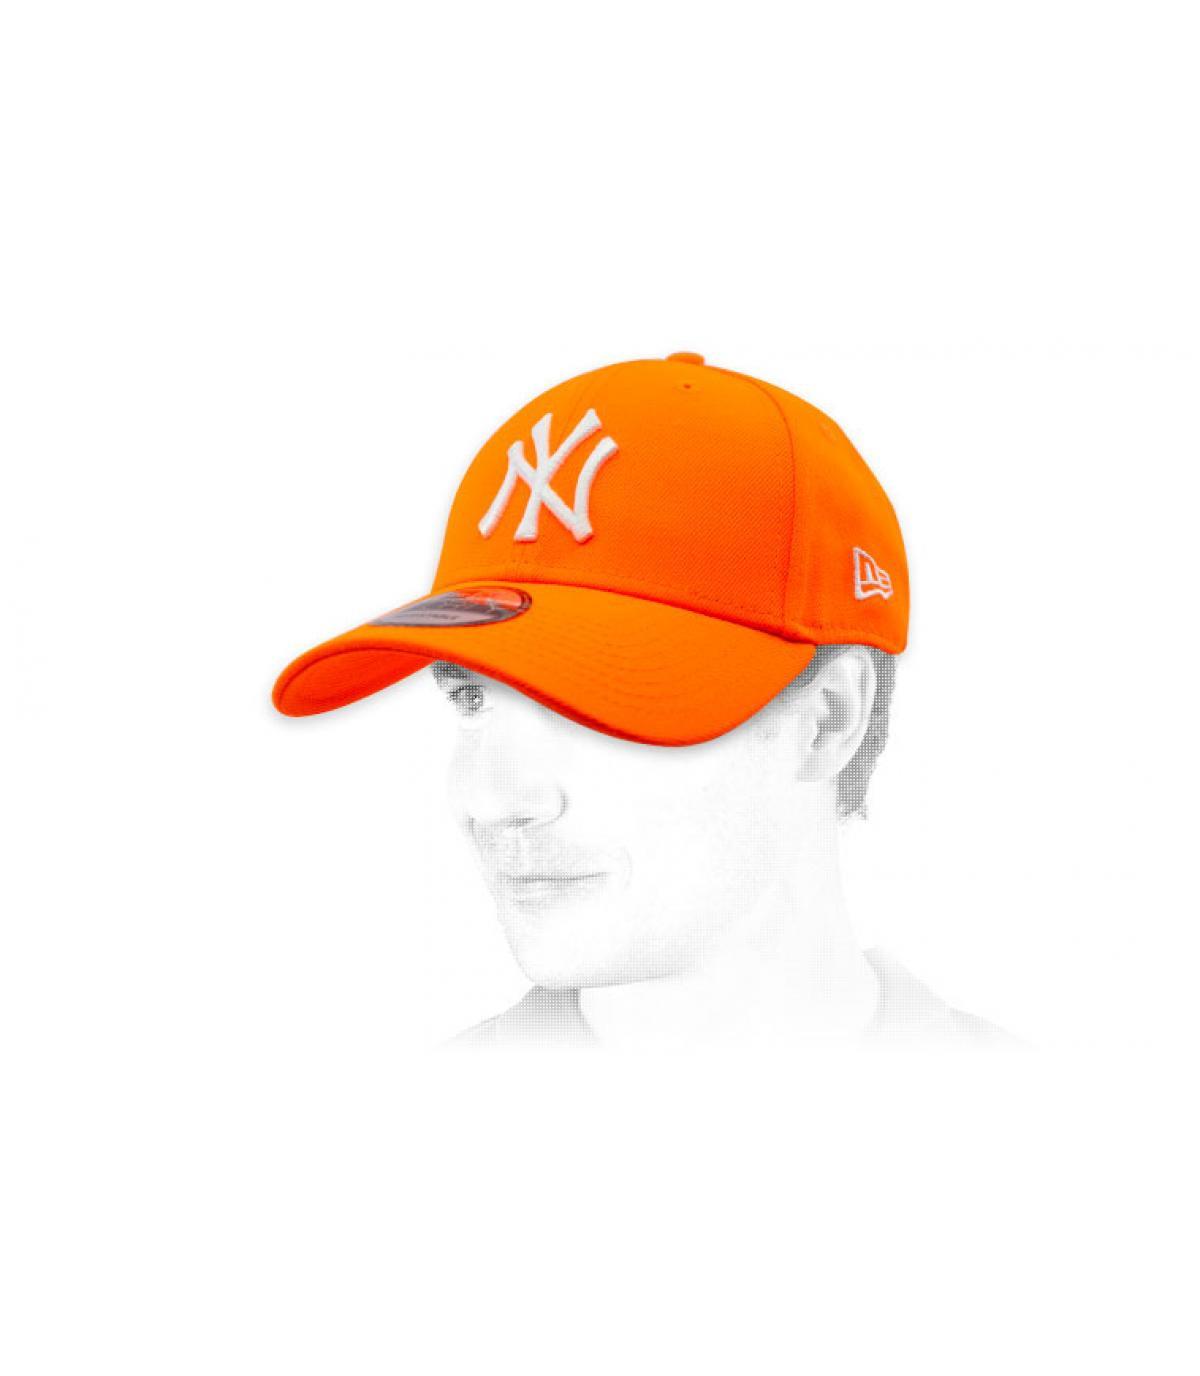 NY orange trucker cap